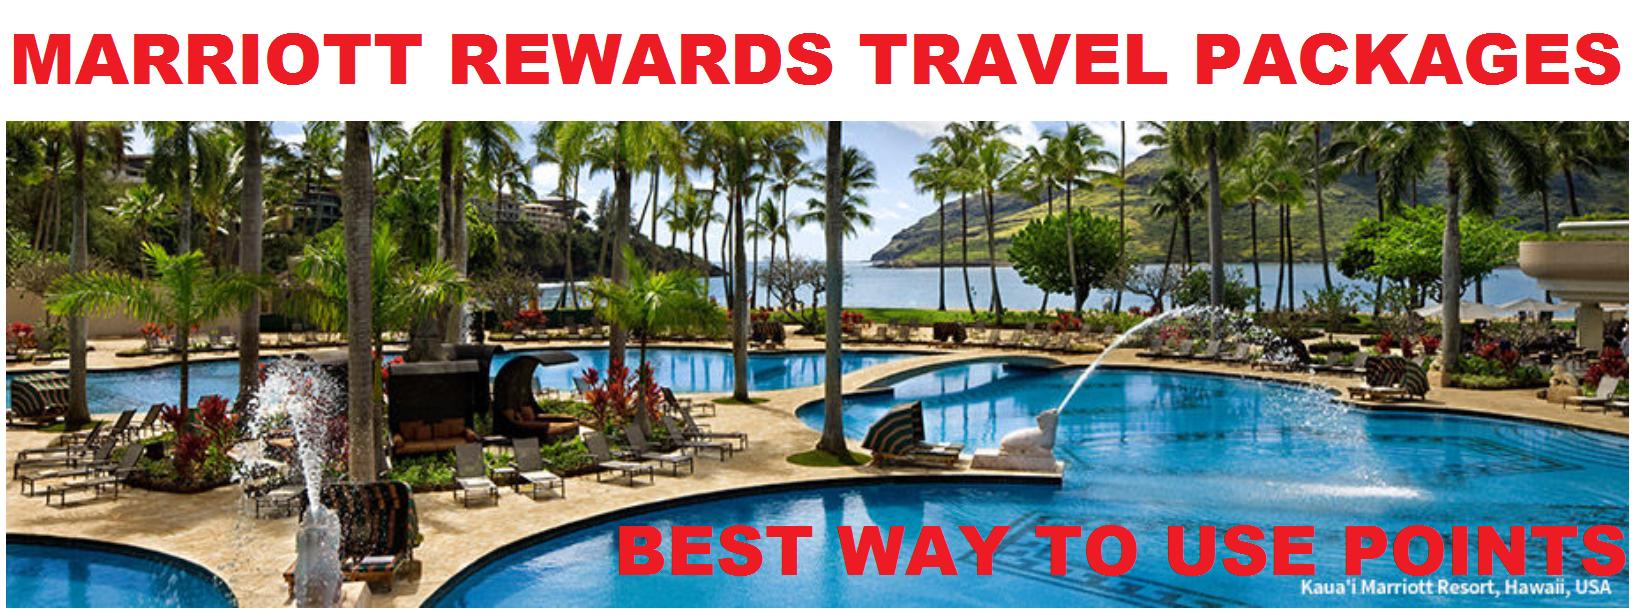 marriott rewards travel packages hotel rewards airline. Black Bedroom Furniture Sets. Home Design Ideas